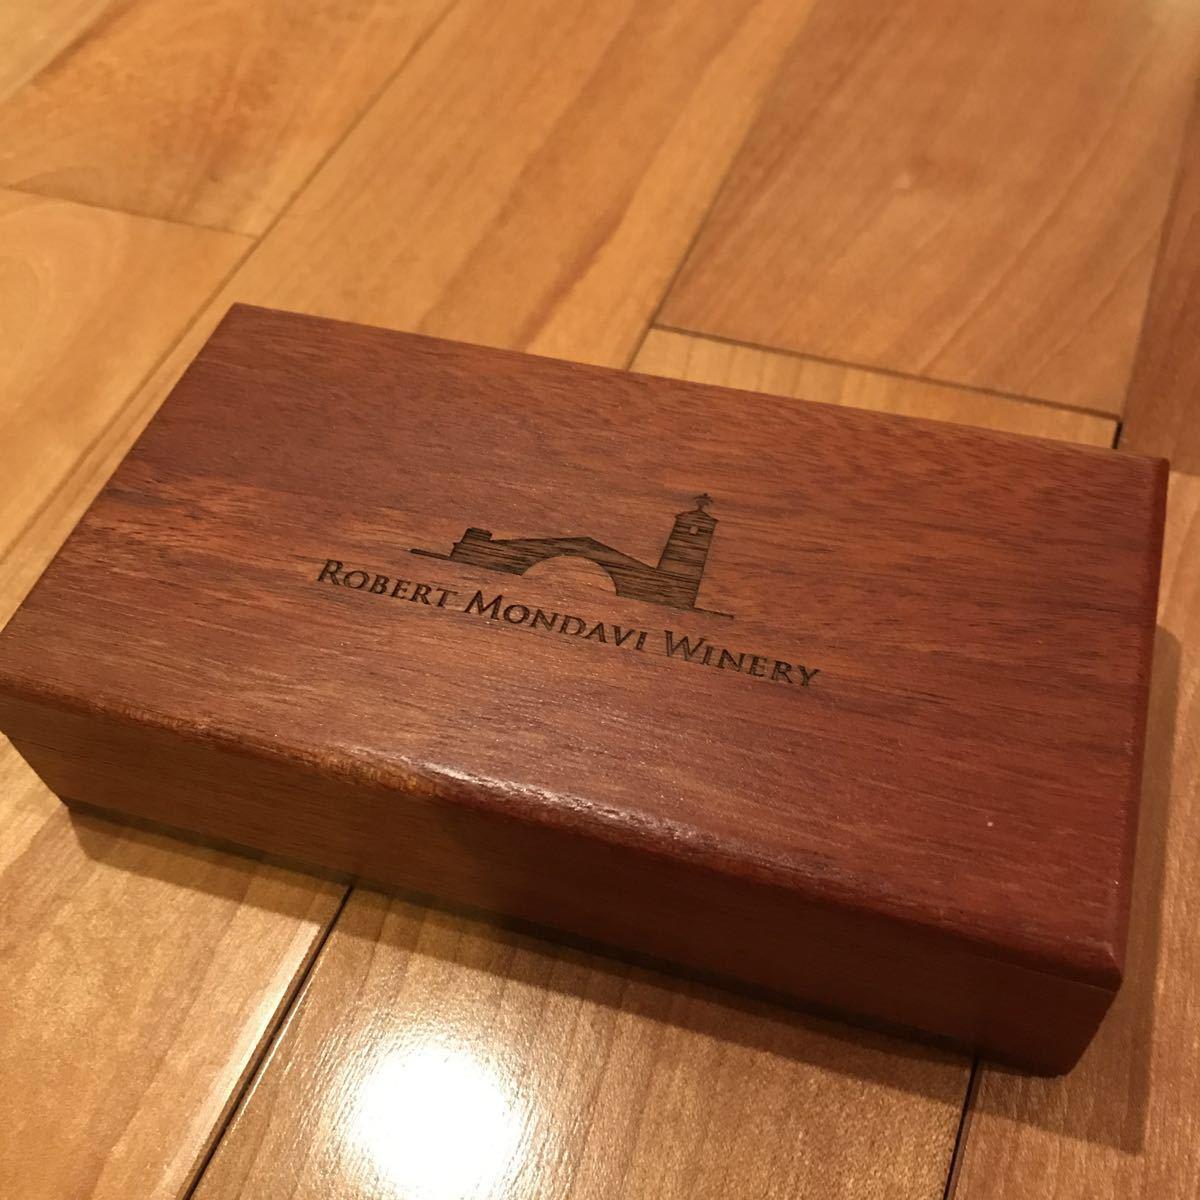 ###激レア ナパバレー Robert  Mondavi  ロバートモンダビ ワインオープナー 専用木箱入り ボディー木製 高級 かっつこいい### _画像2